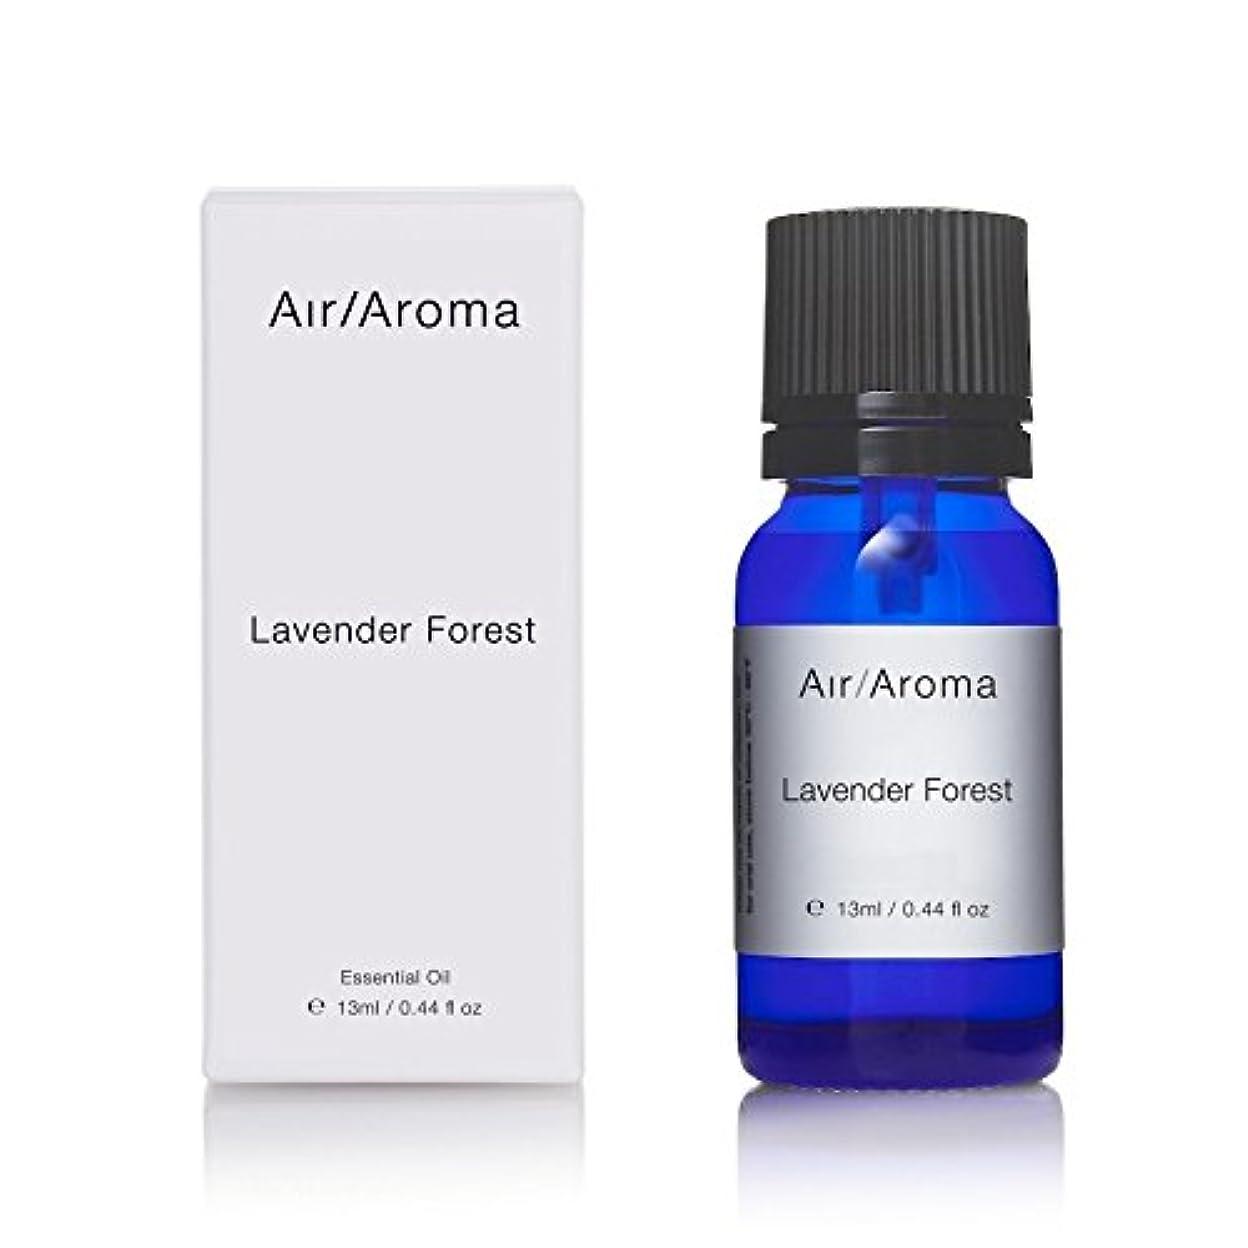 費用肩をすくめる暴動エアアロマ lavender forest (ラベンダーフォレスト) 13ml